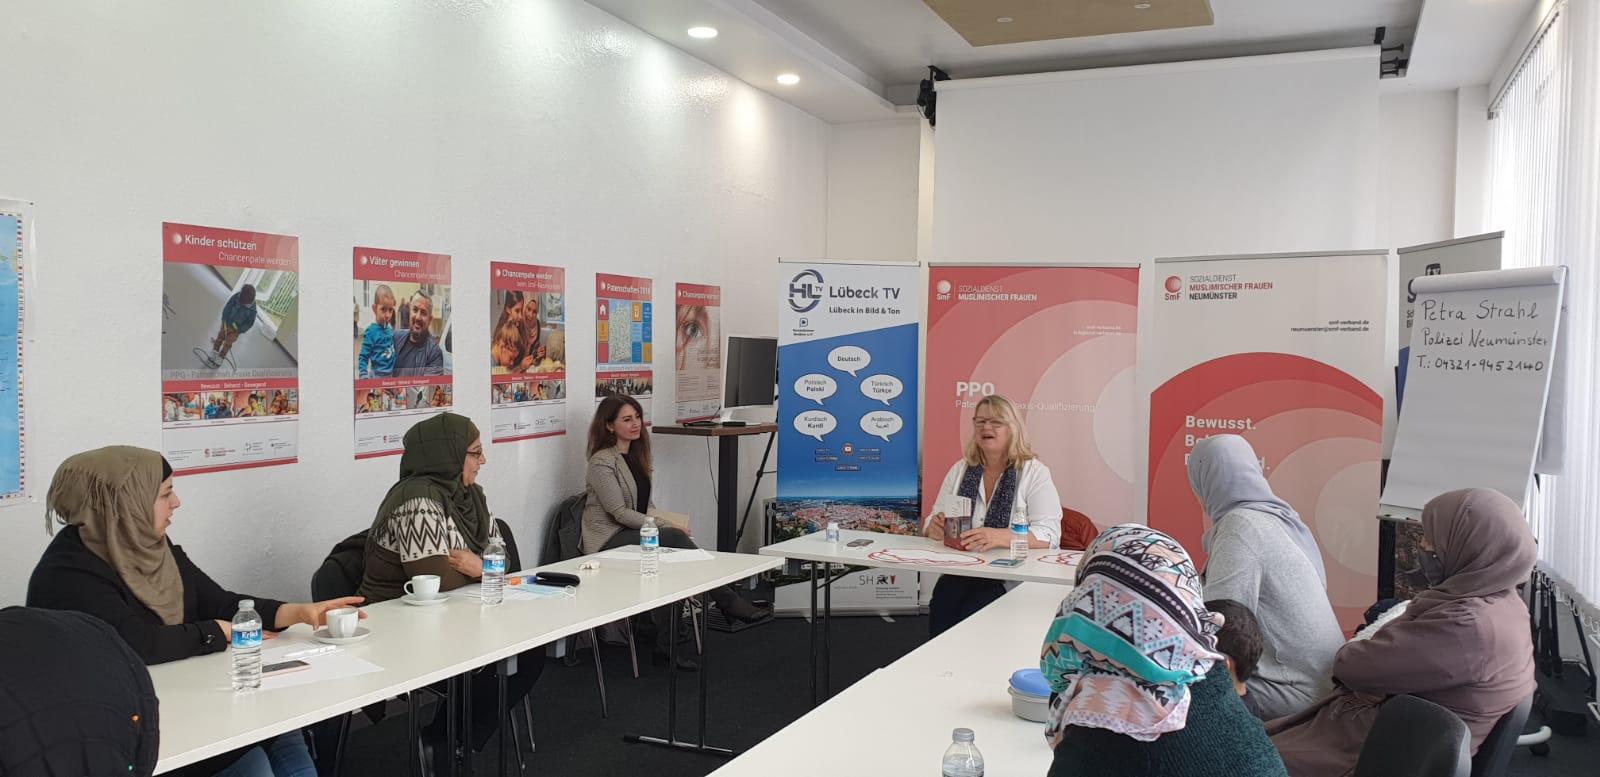 Polizistin Petra Strahl macht im Frauenkurs Aufklärungsarbeit zur Gewaltprävention